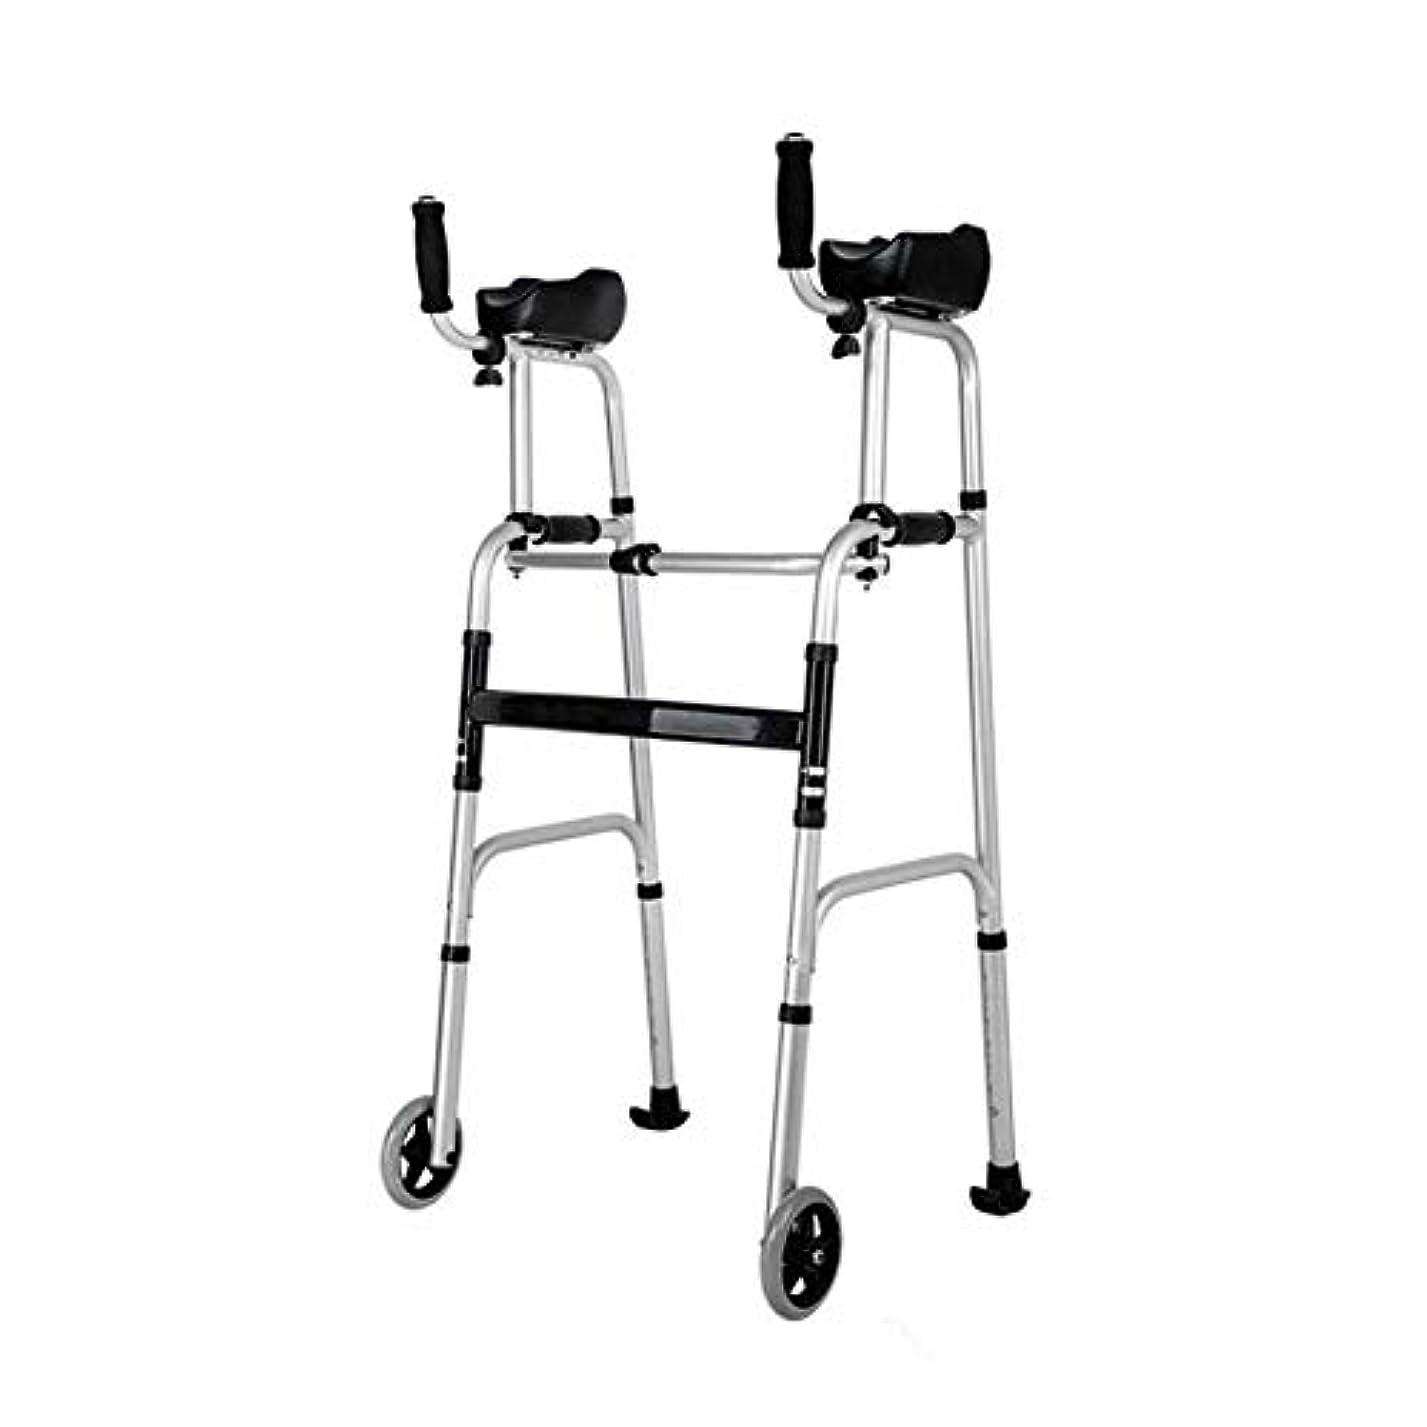 高さアリ論争車輪が付いている折る歩行者、不具の高齢者のための2輪歩行者の高さの調節可能なスリップ防止椅子の腰掛け (Color : 黒)